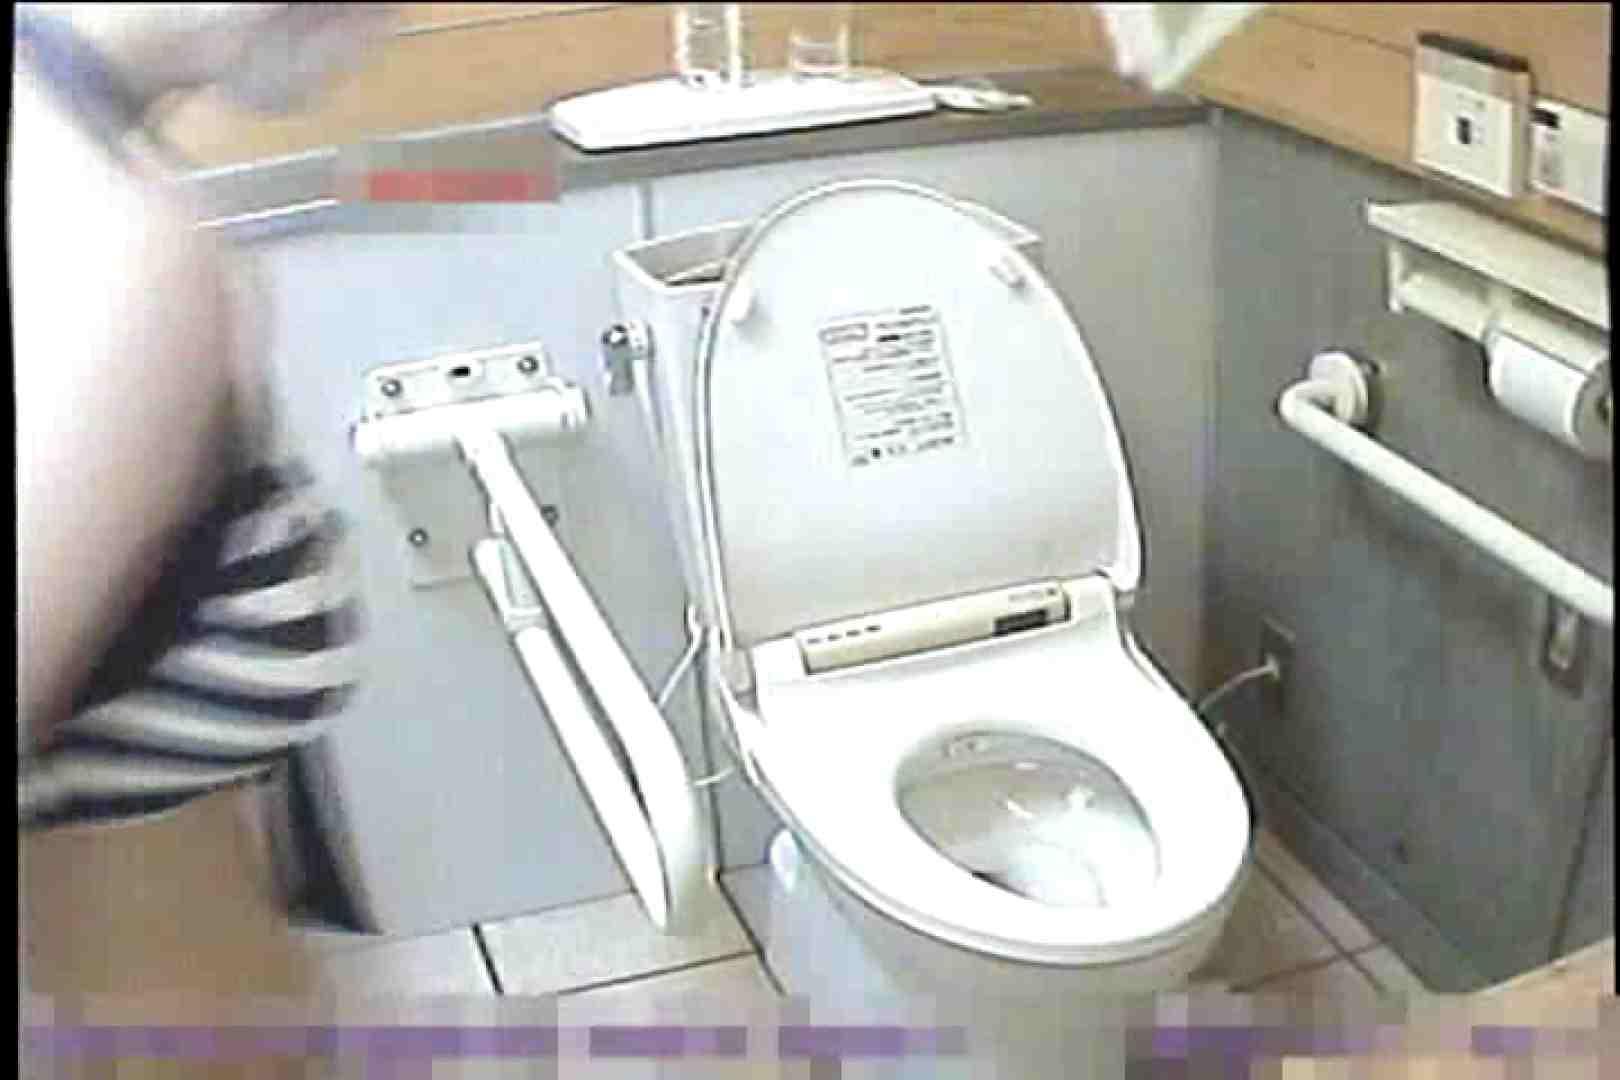 2点盗撮洗面所潜入レポートVol.7 洋式固定カメラ編 盗撮師作品  91pic 54